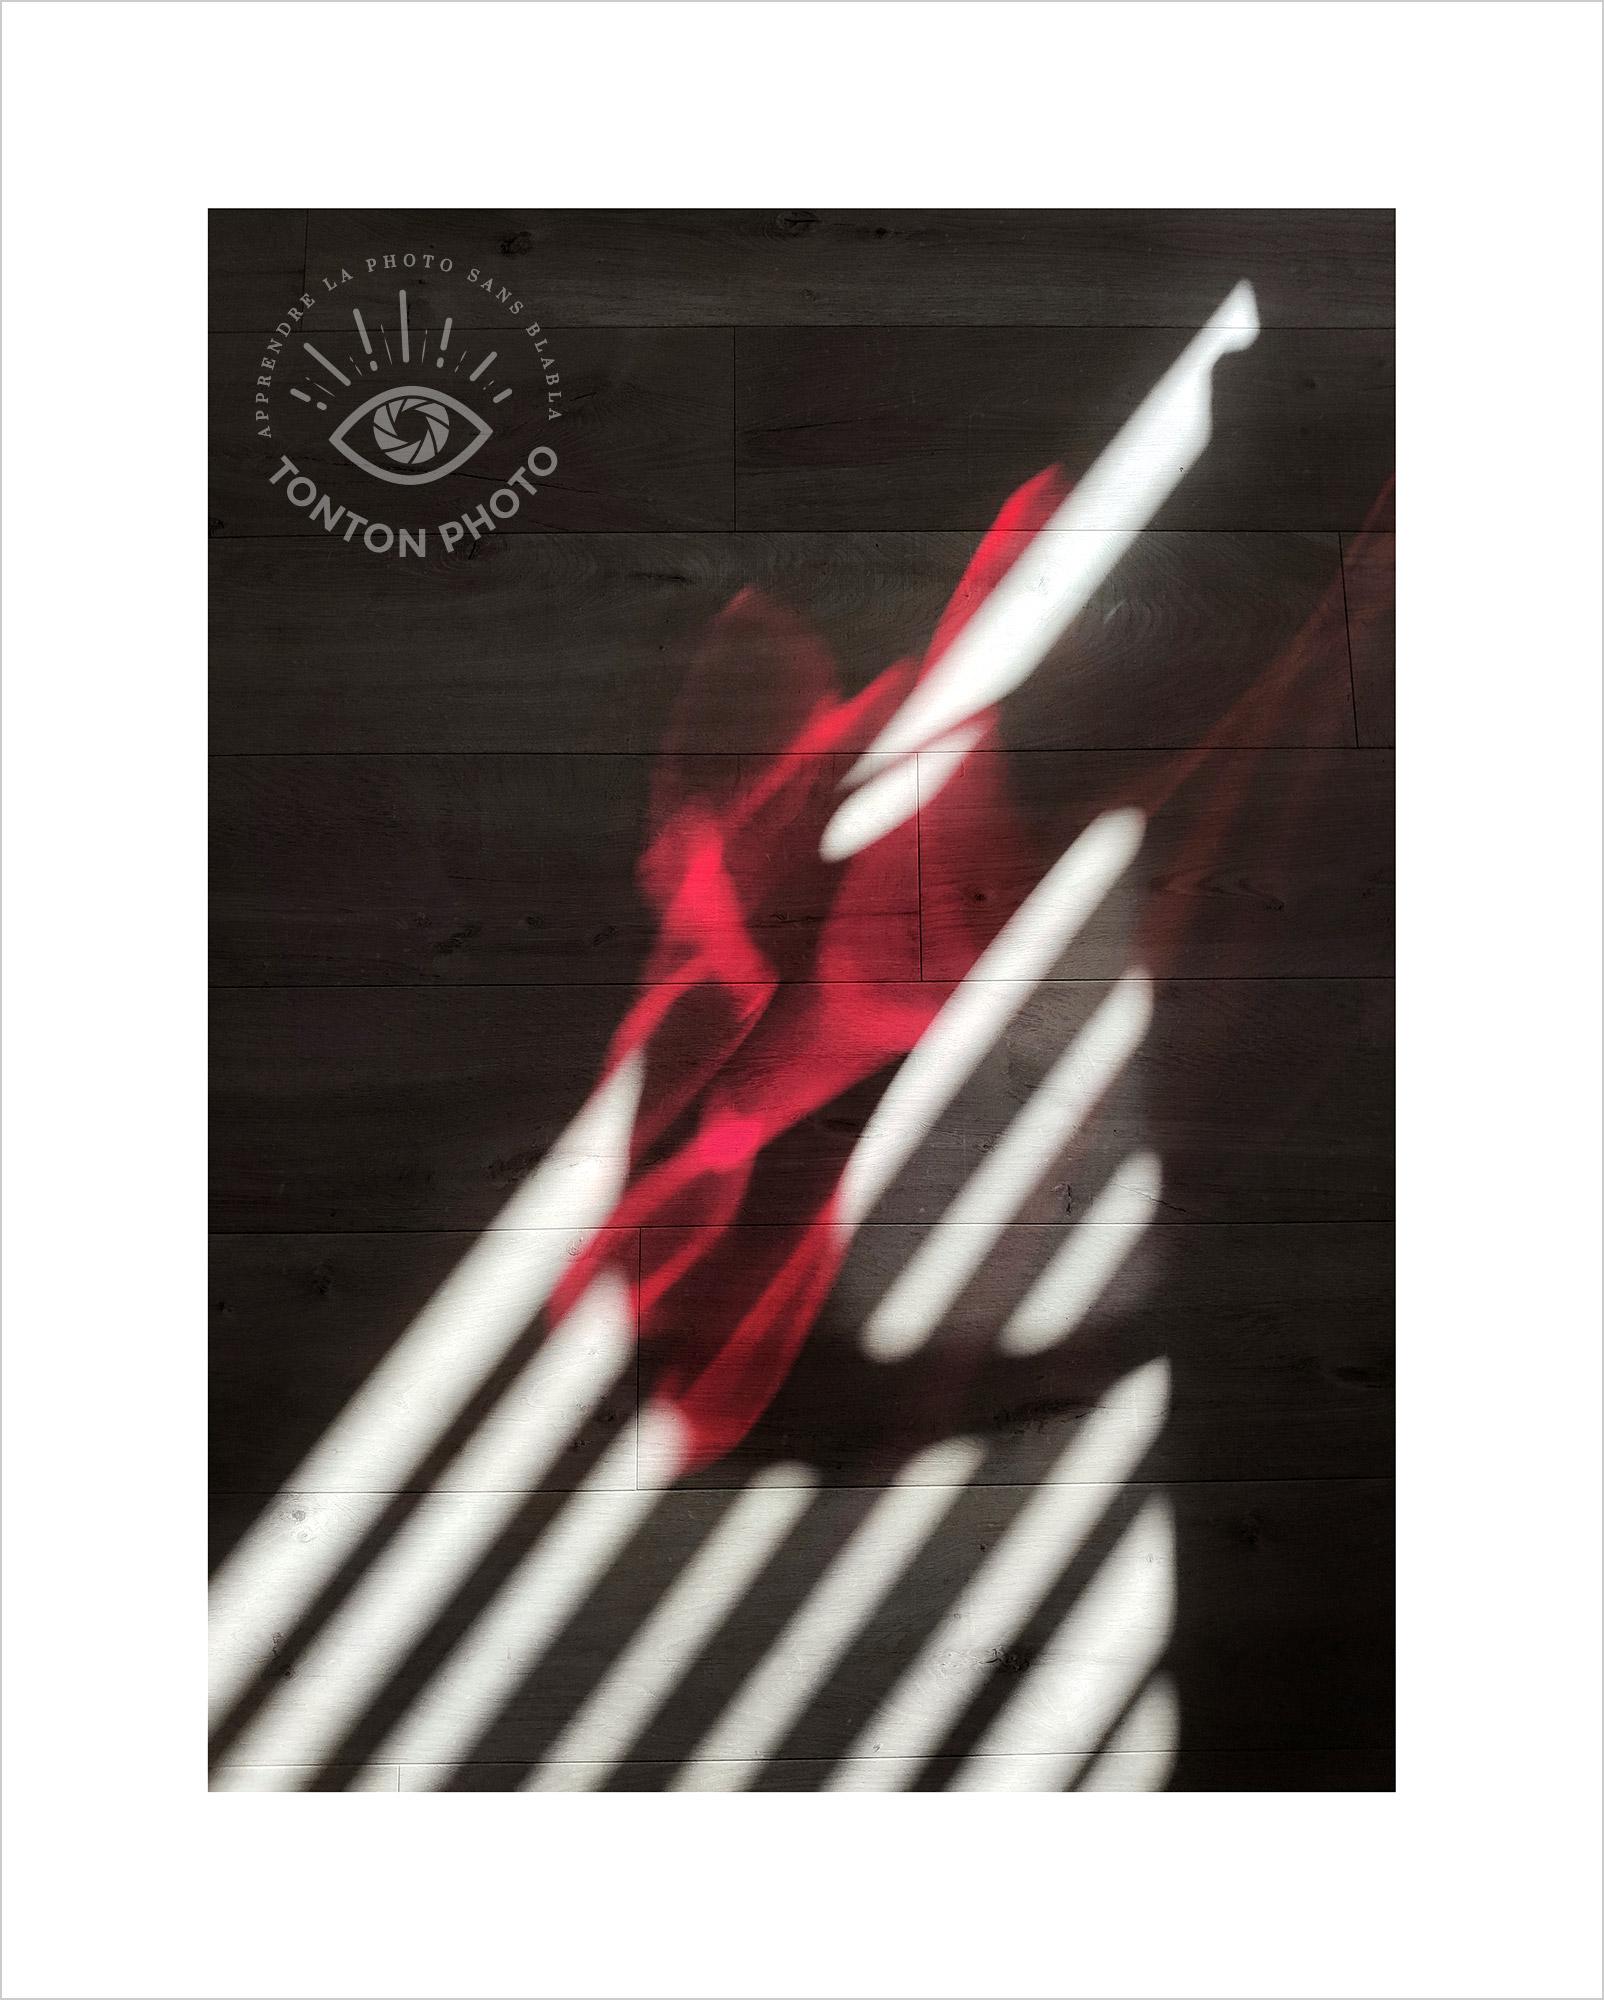 Jeu d'ombre et de lumière projeté sur le sol à travers les rideaux et une chaise translucide rouge. Photo prise au smartphone Xiaomi Mi Mix 3 © Tonton Photo